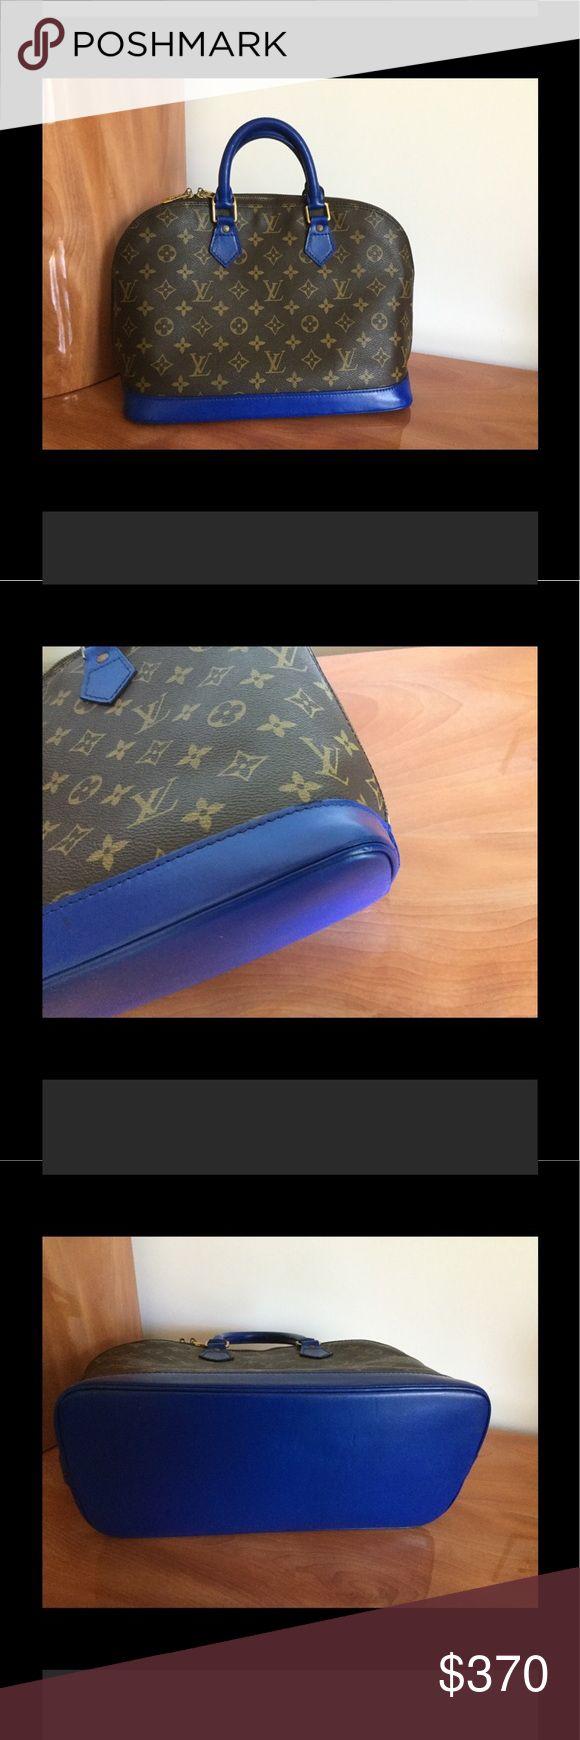 """LV Louis Vuitton Alma Bag Authentic bag. Alma model. H: 9.2"""", D: 6.2"""". Clean inside. Louis Vuitton Bags Satchels"""